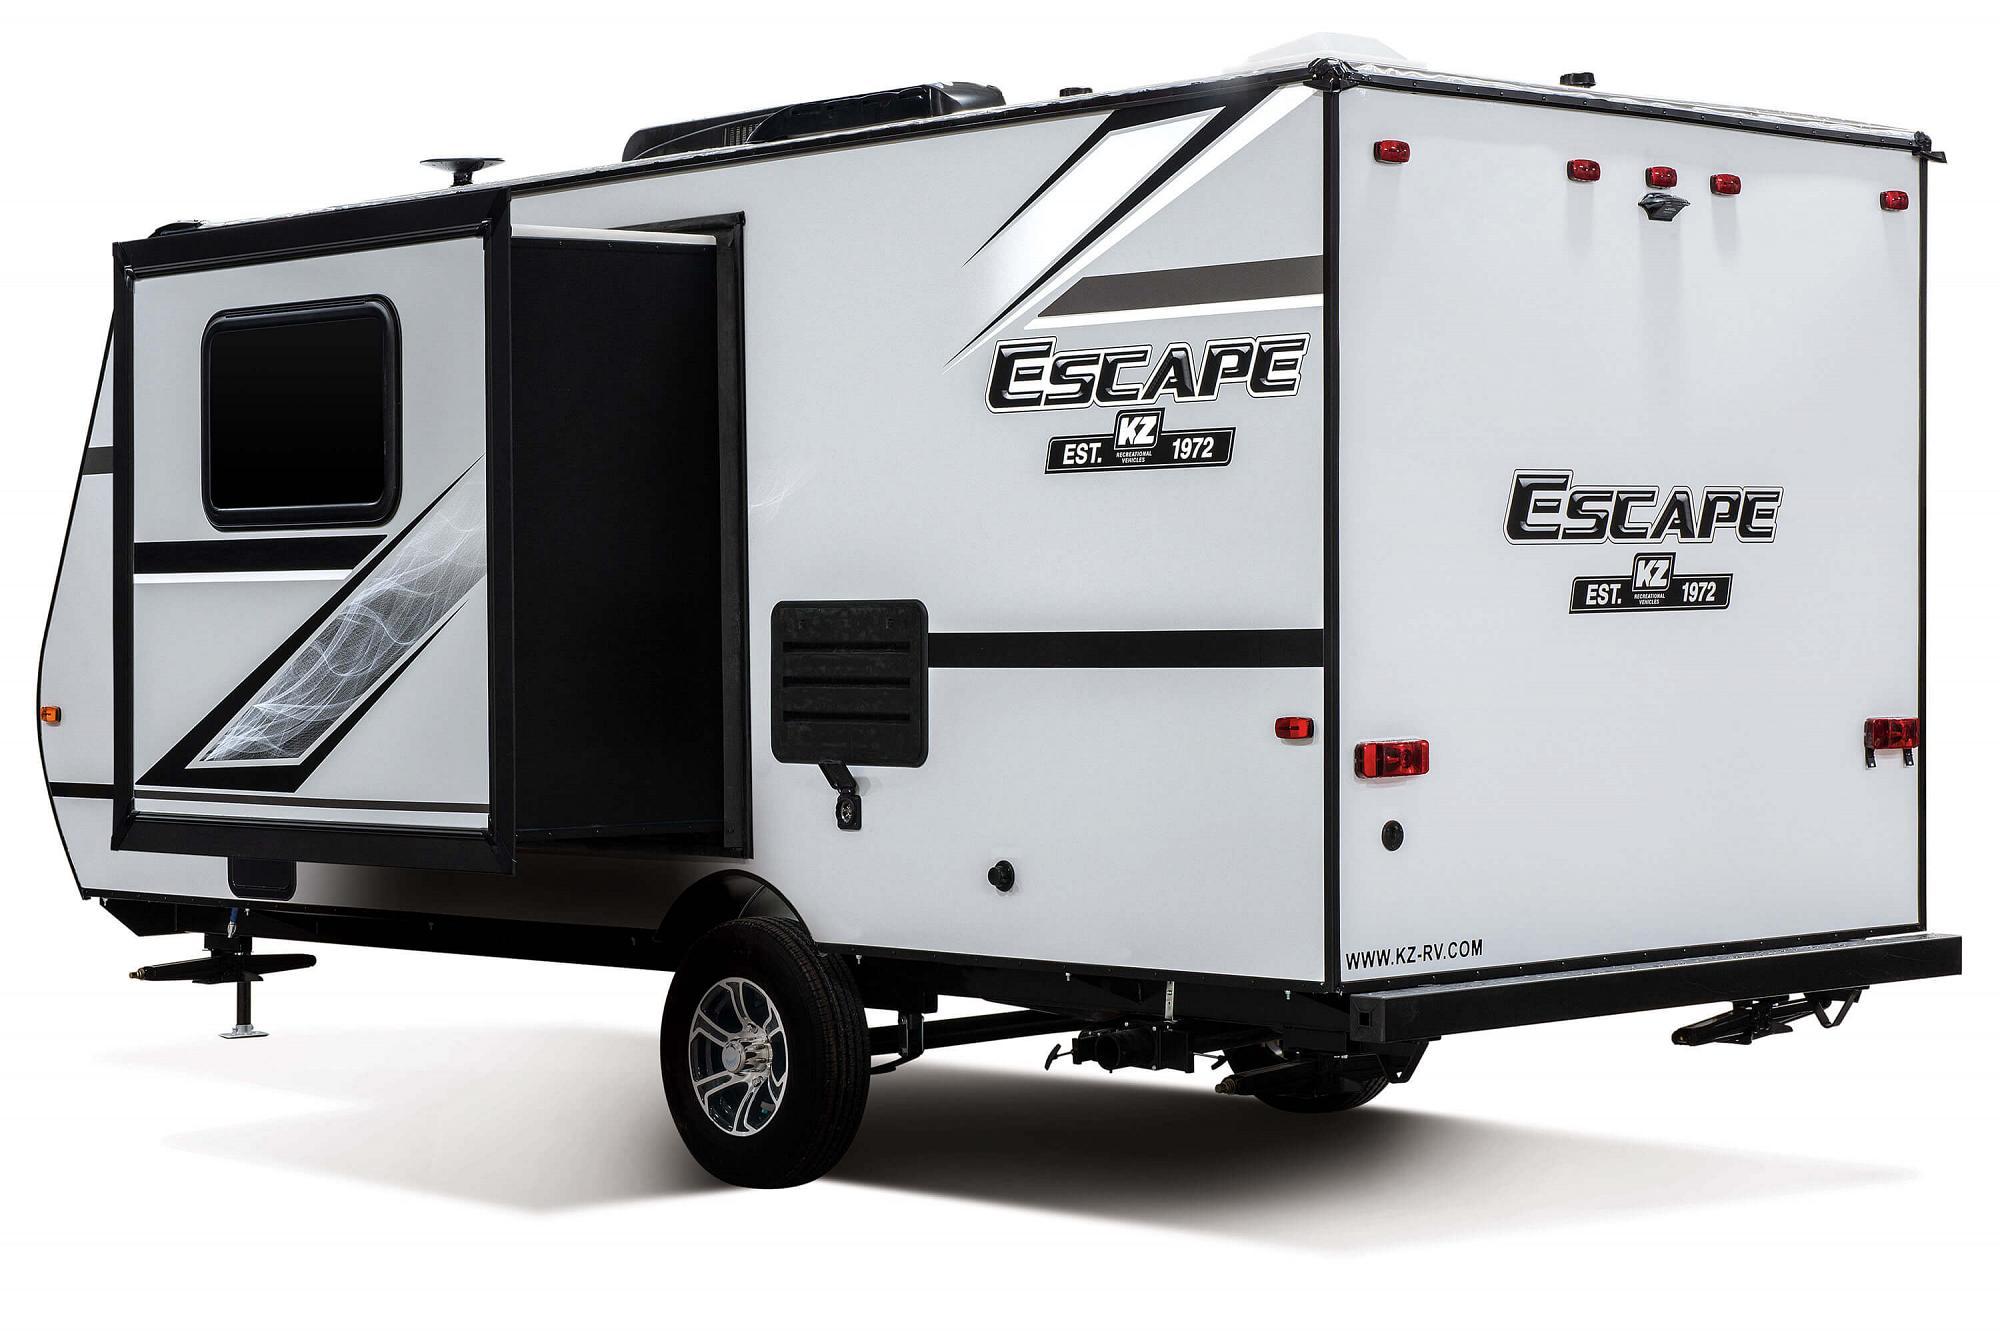 2021 KZ ESCAPE E191BH full